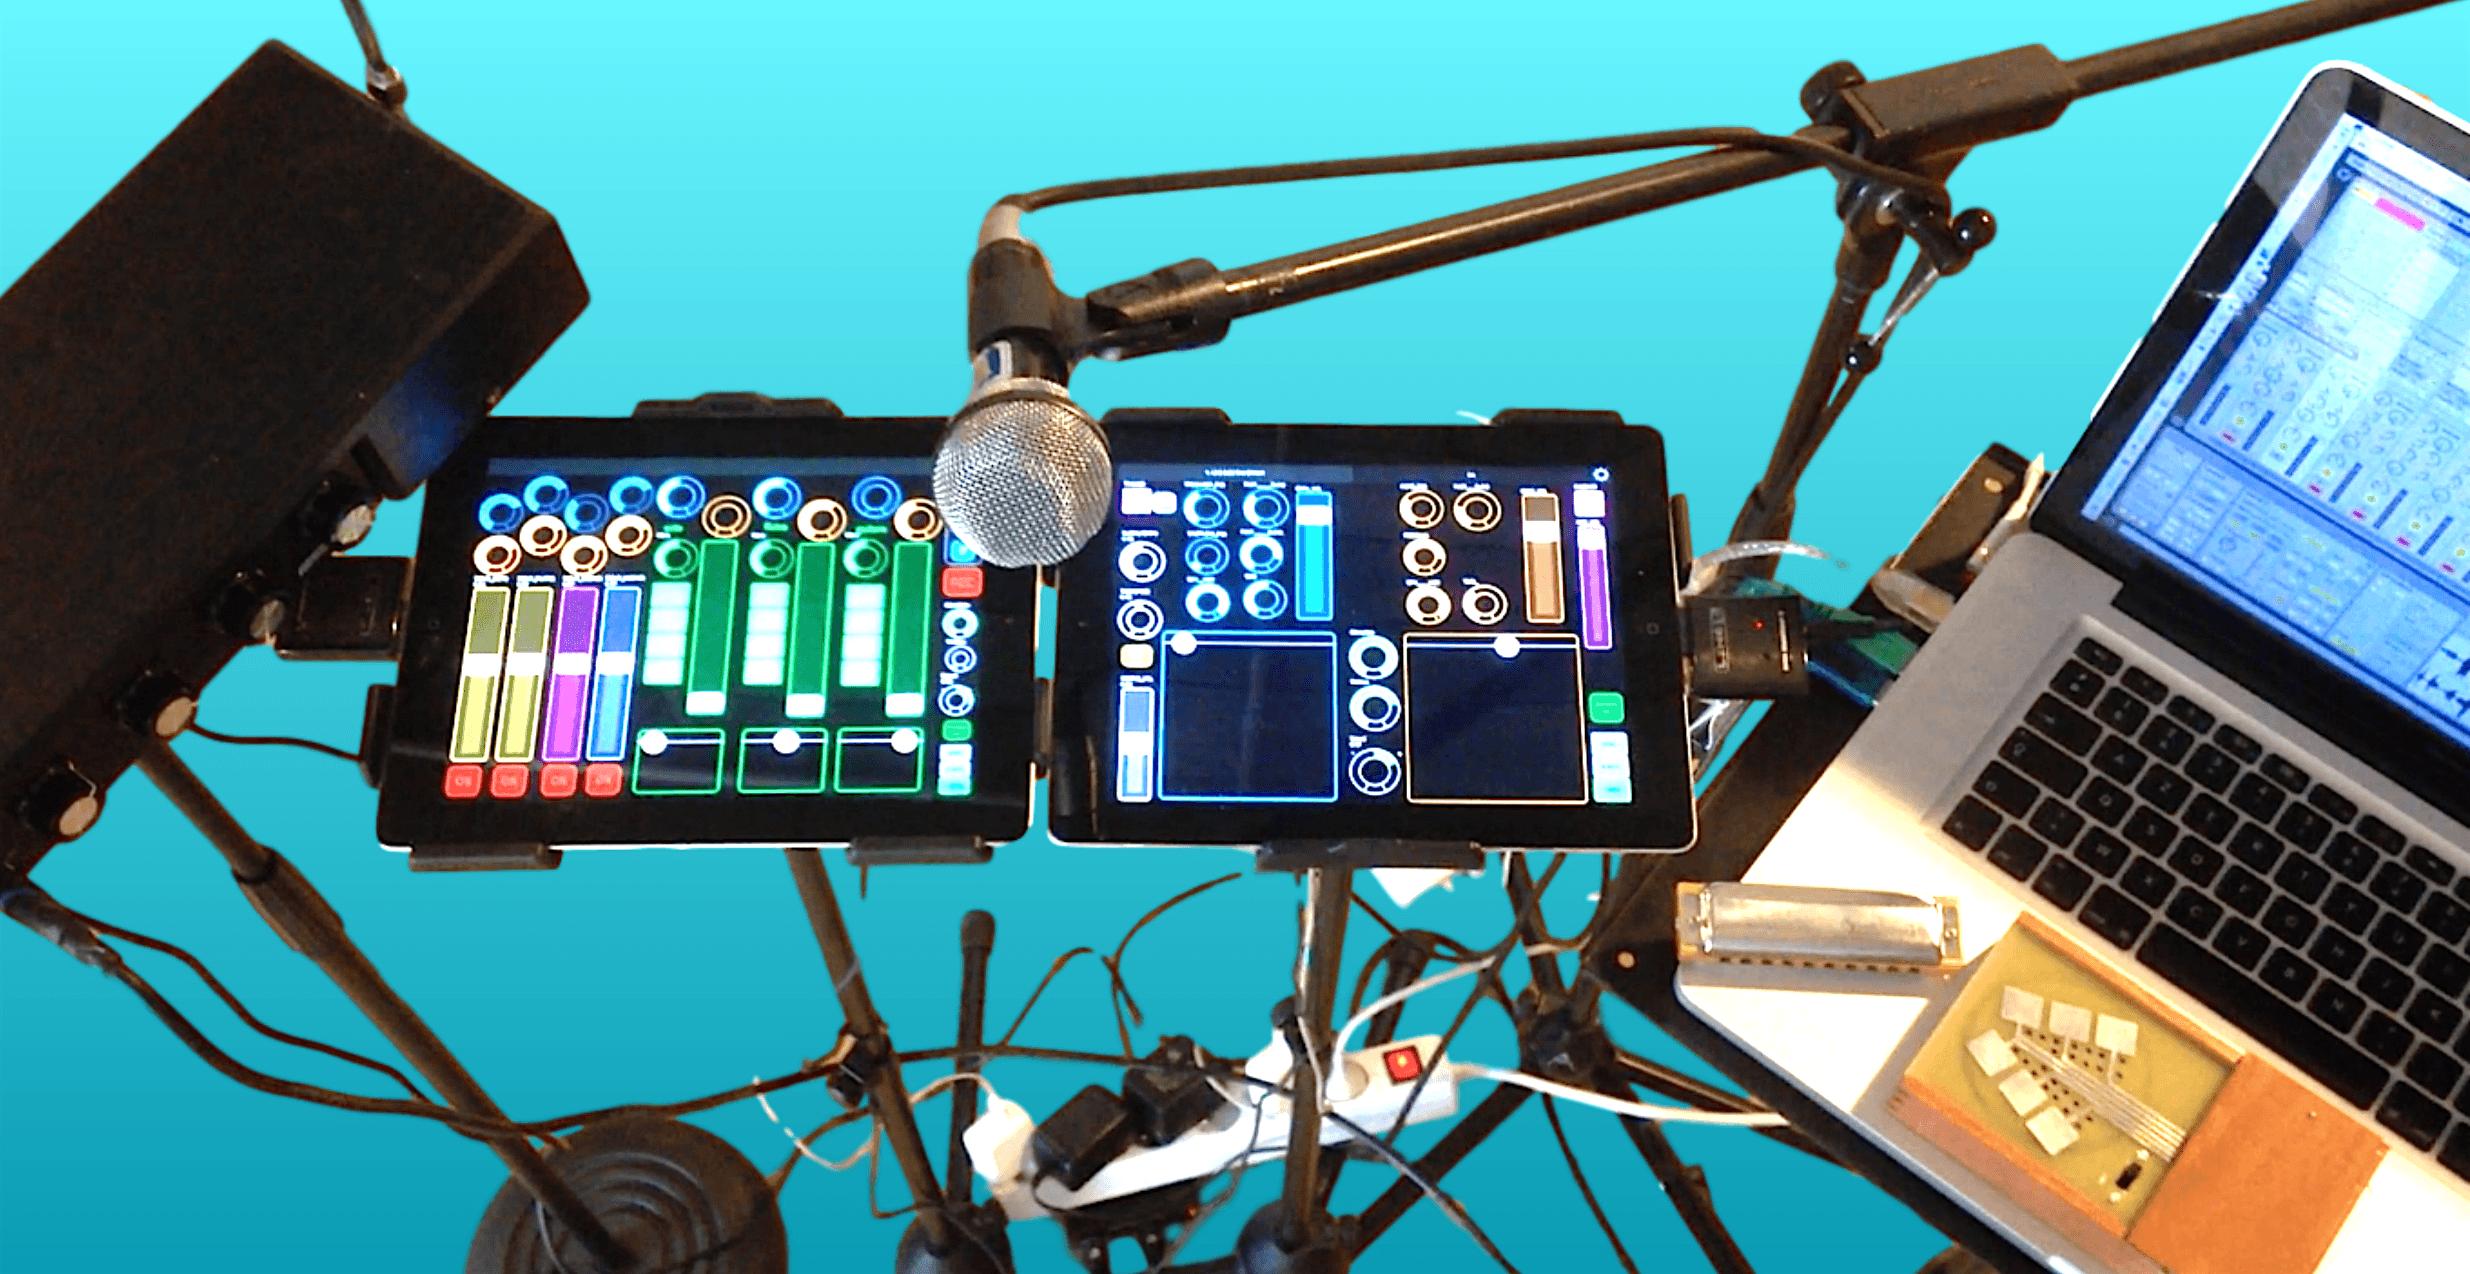 pour les musiciens - Live electronics with Lemur and Ableton Live